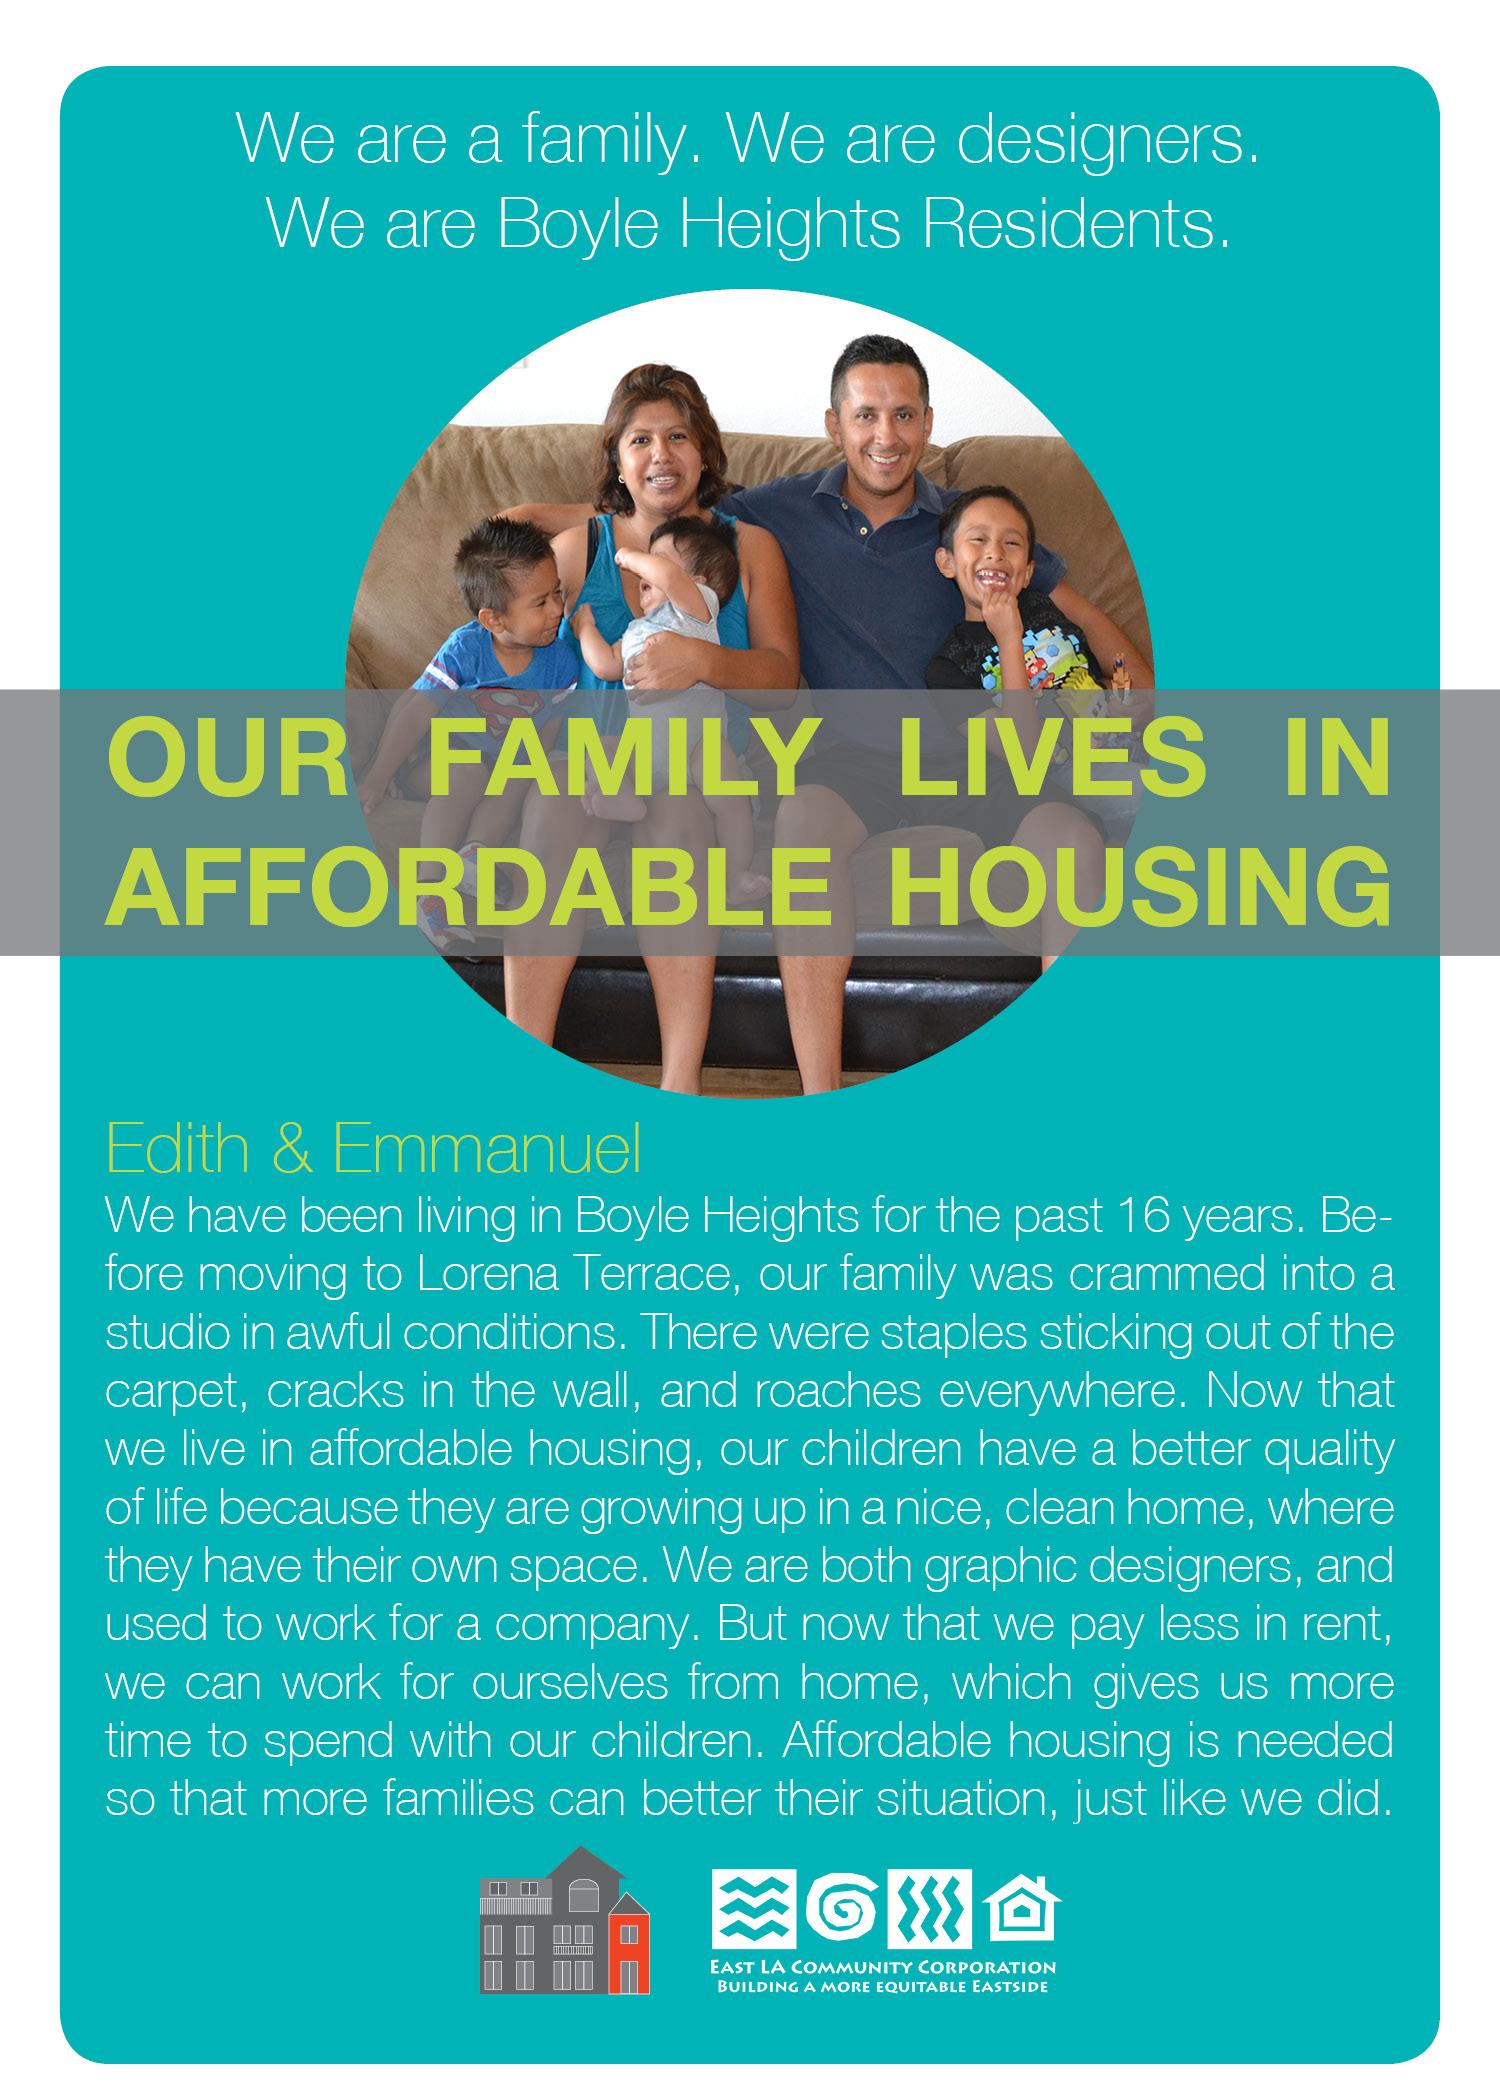 2_-_Live_in_Affordable_Housing-Edith_Emmanuel_V2-_JPEG.jpg